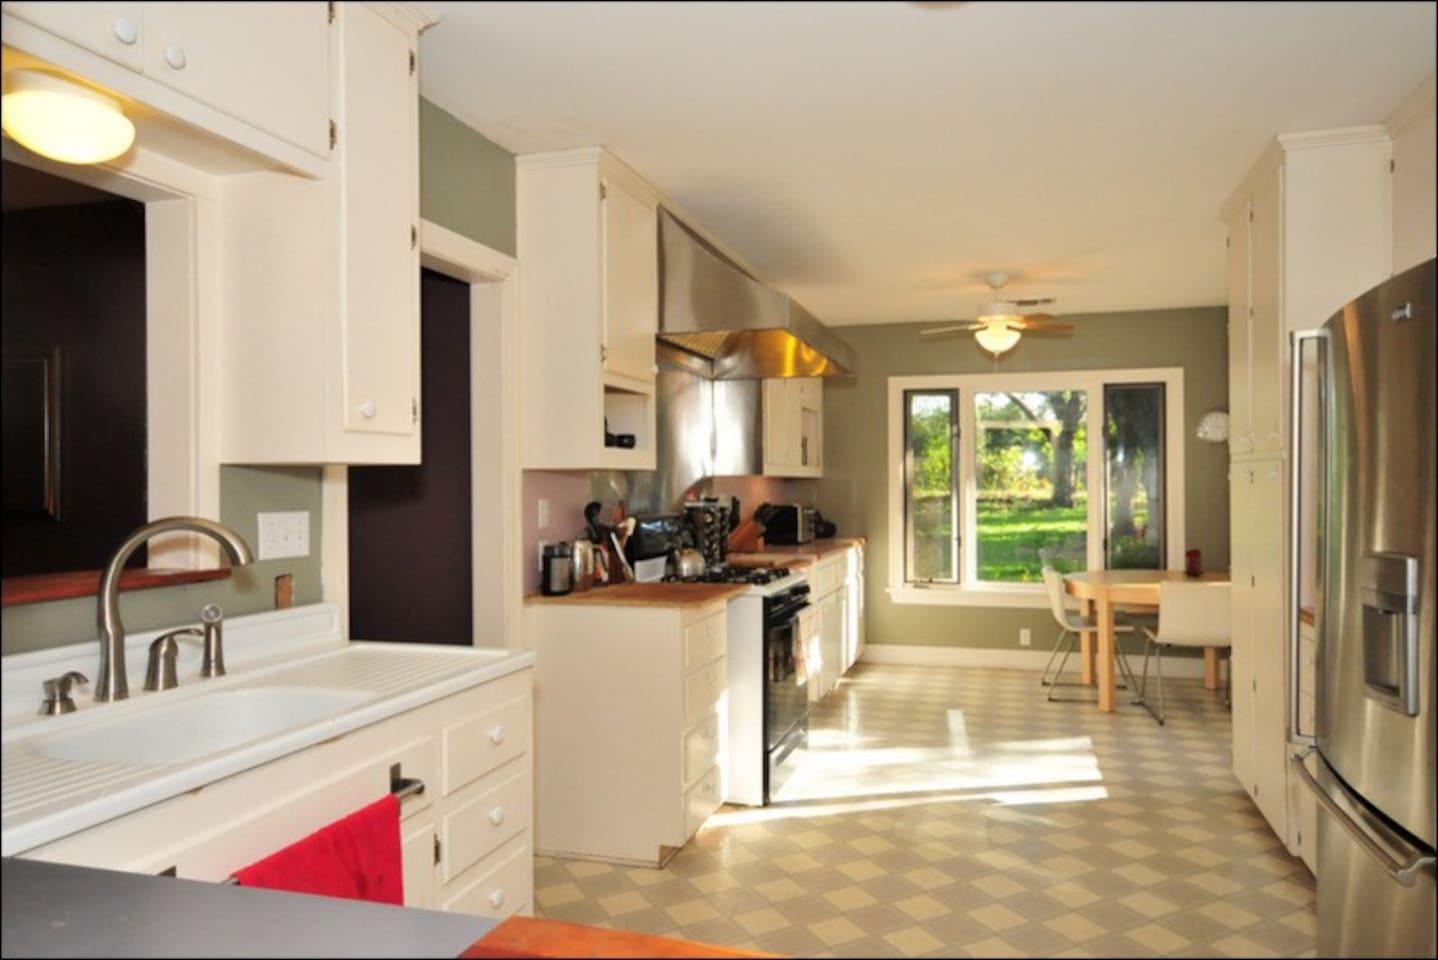 Sunny, spacious kitchen